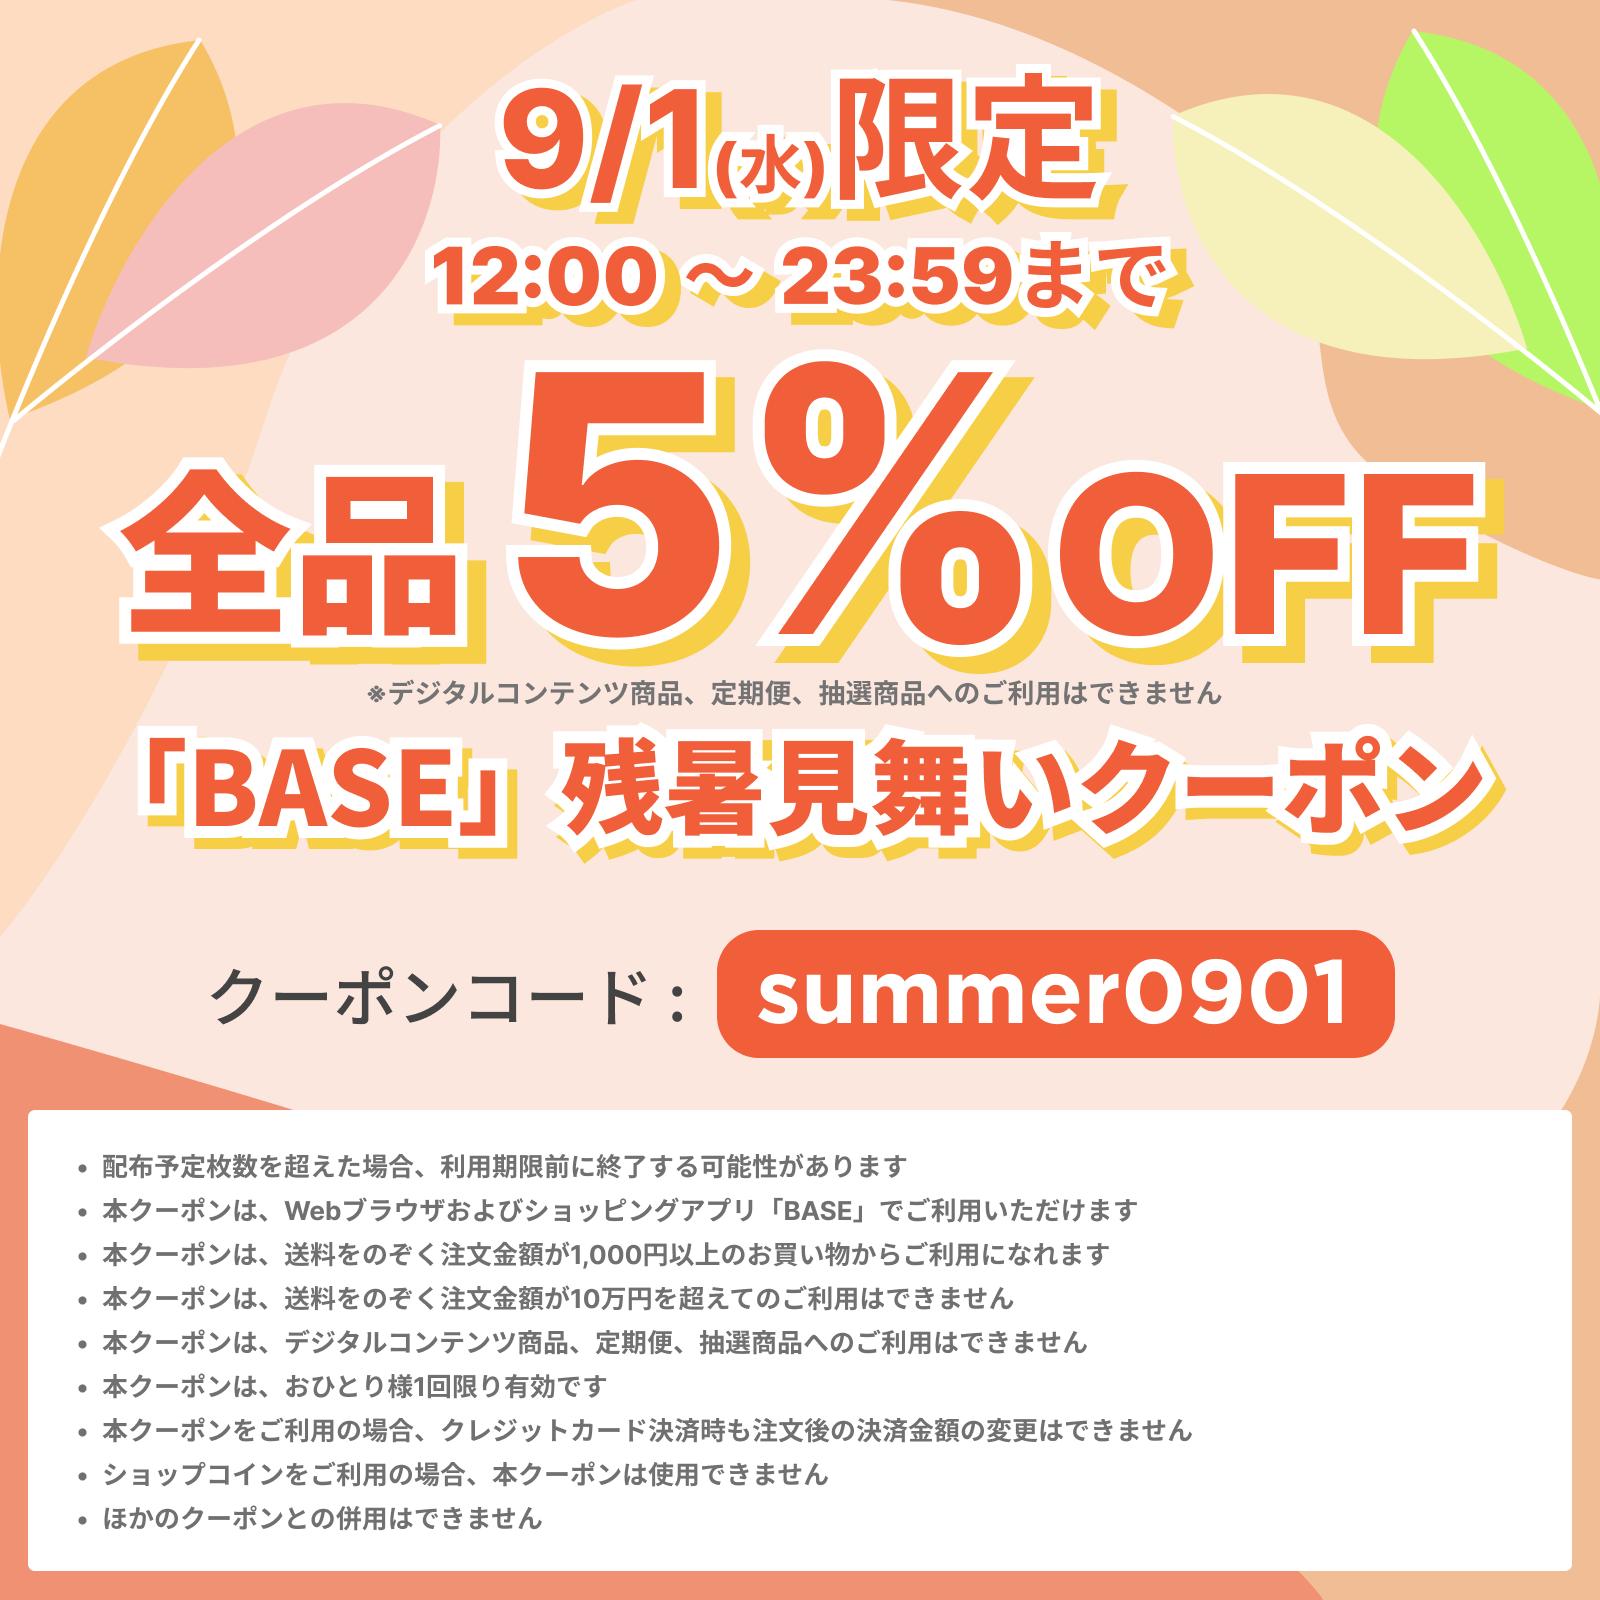 【9月1日(水)12:00〜23:59の12時間限定!】残暑見舞い!5%OFFクーポンをプレゼント♪